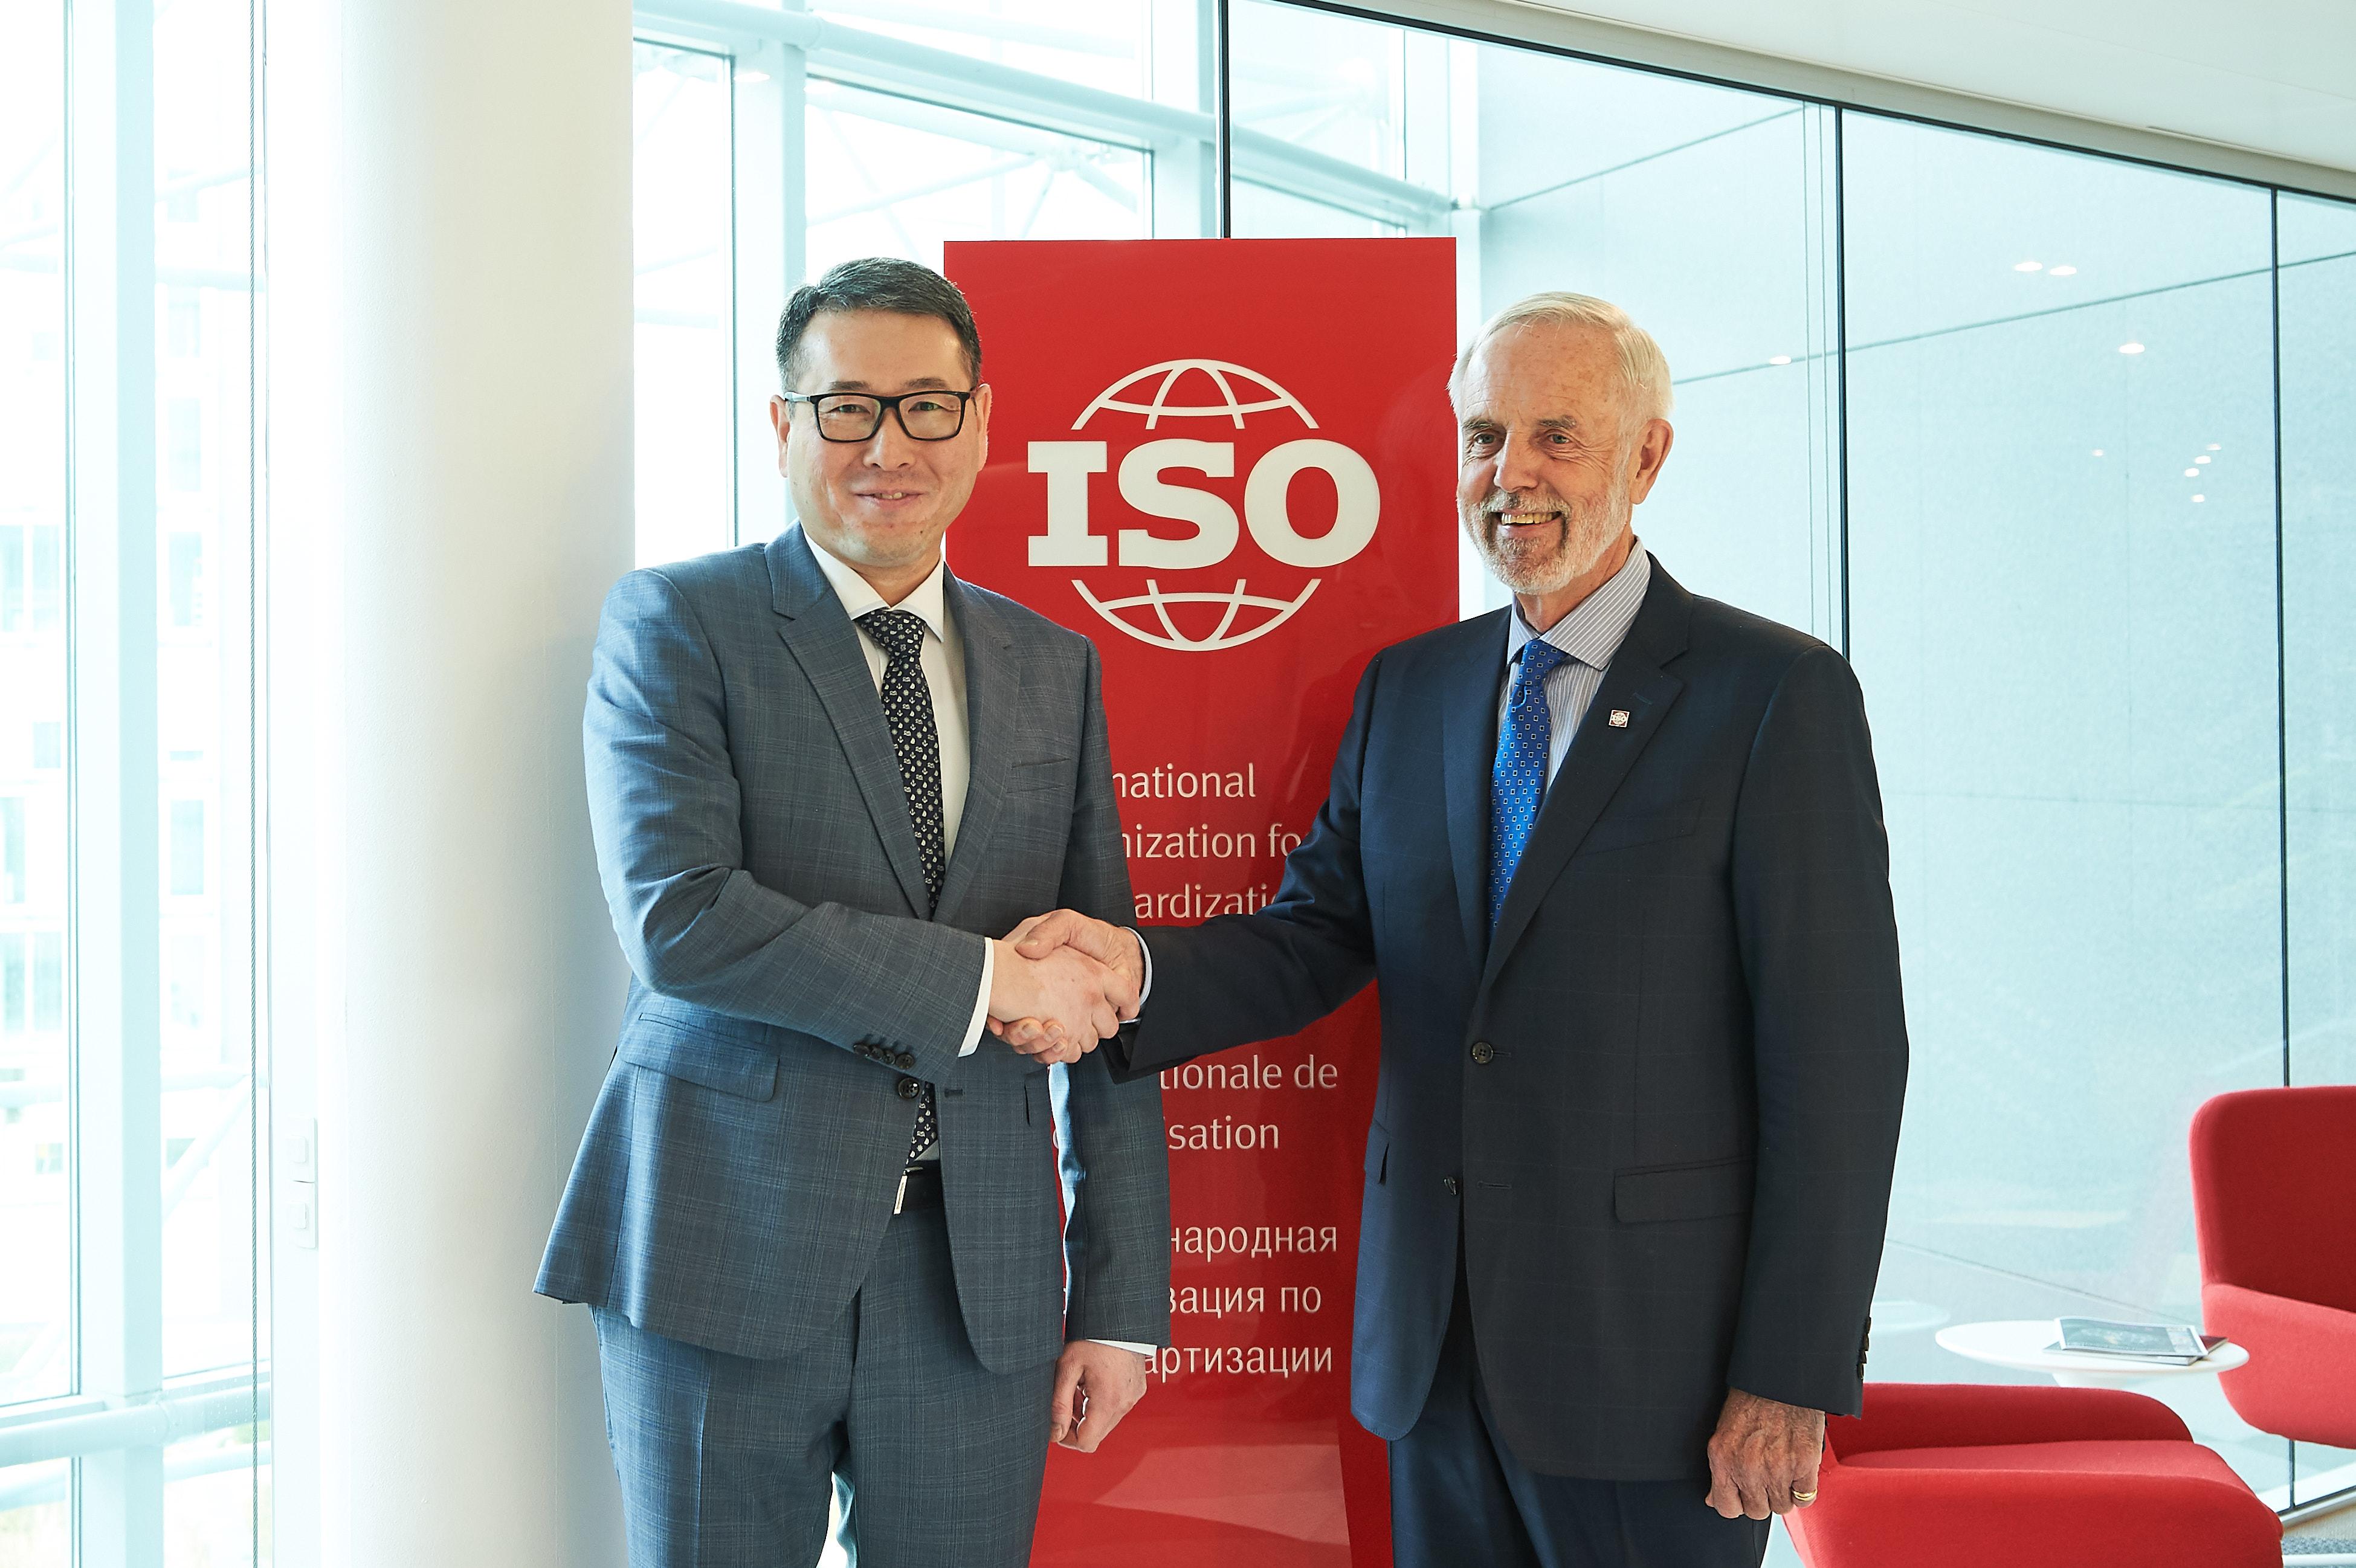 Казахстан предложил открыть офис ISO в Центральной Азии, Казахстан, Офис, ISO, Центральная Азия